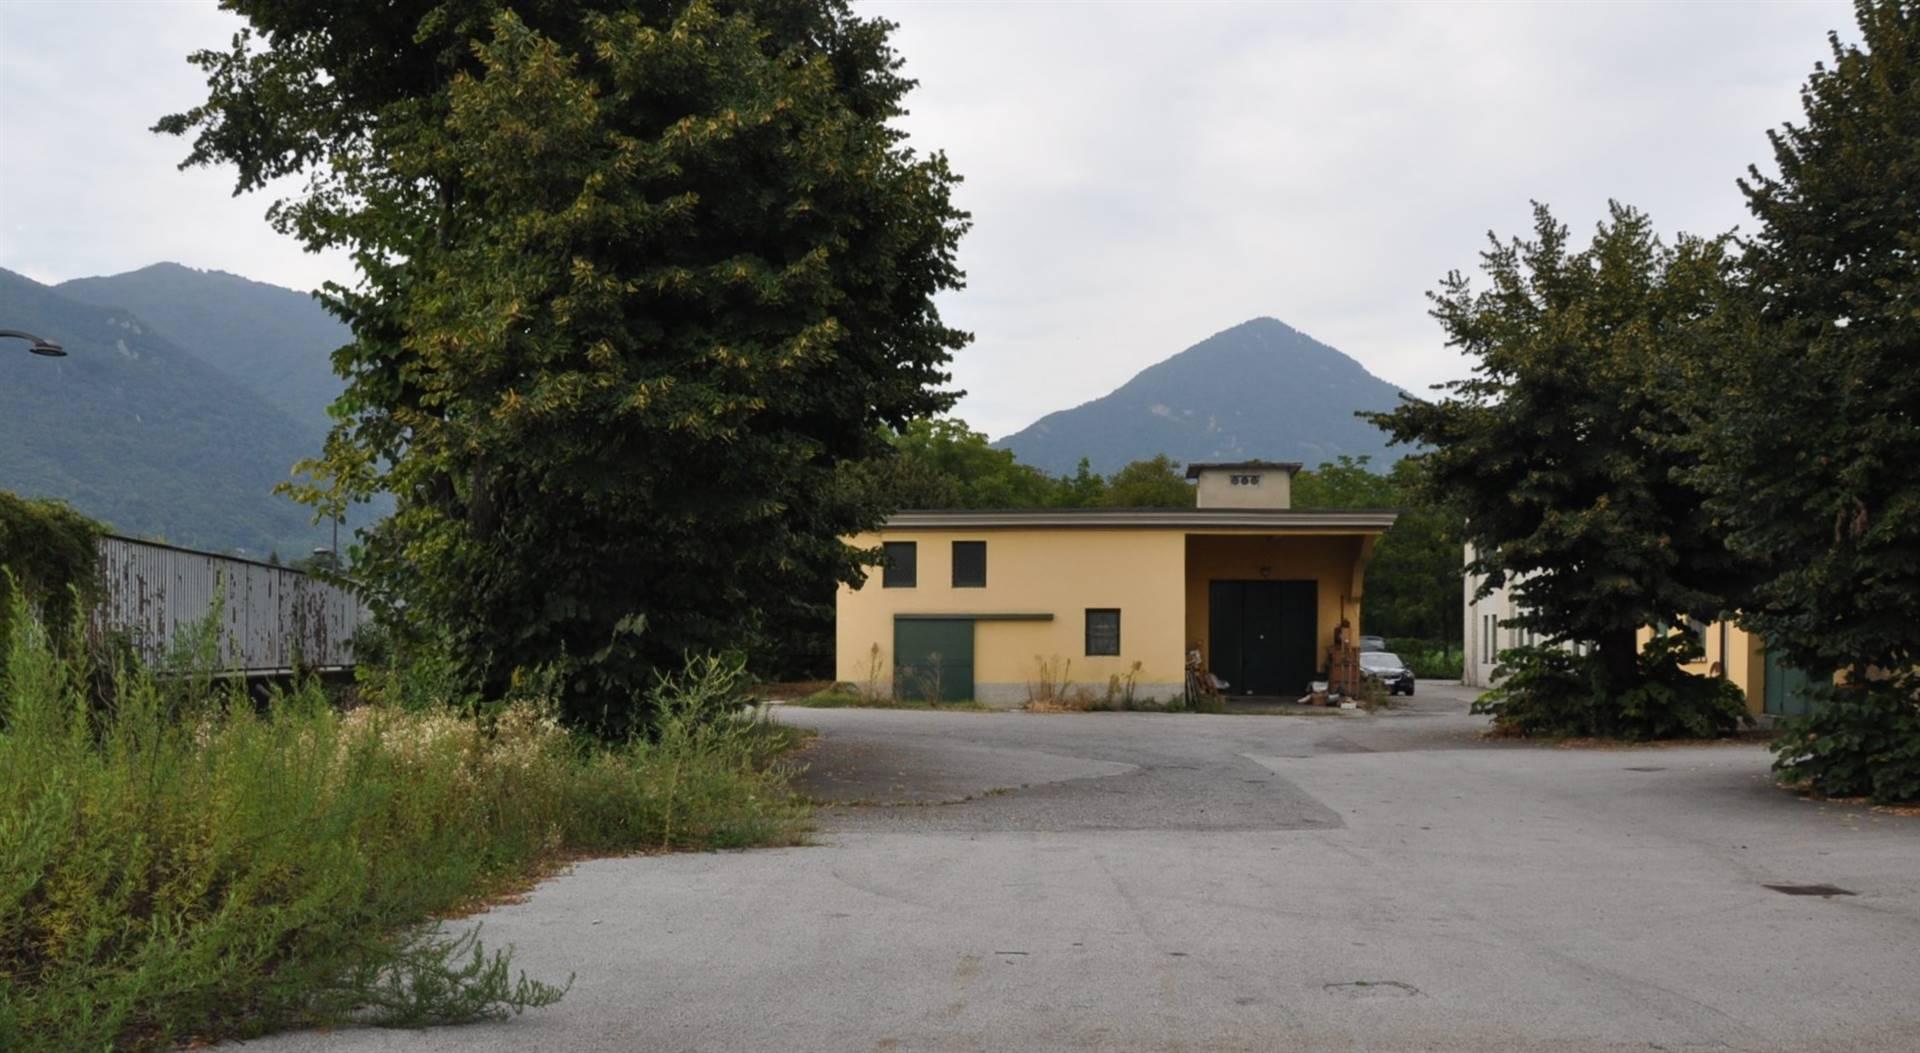 Laboratorio in affitto a Erba, 1 locali, prezzo € 2.000 | PortaleAgenzieImmobiliari.it